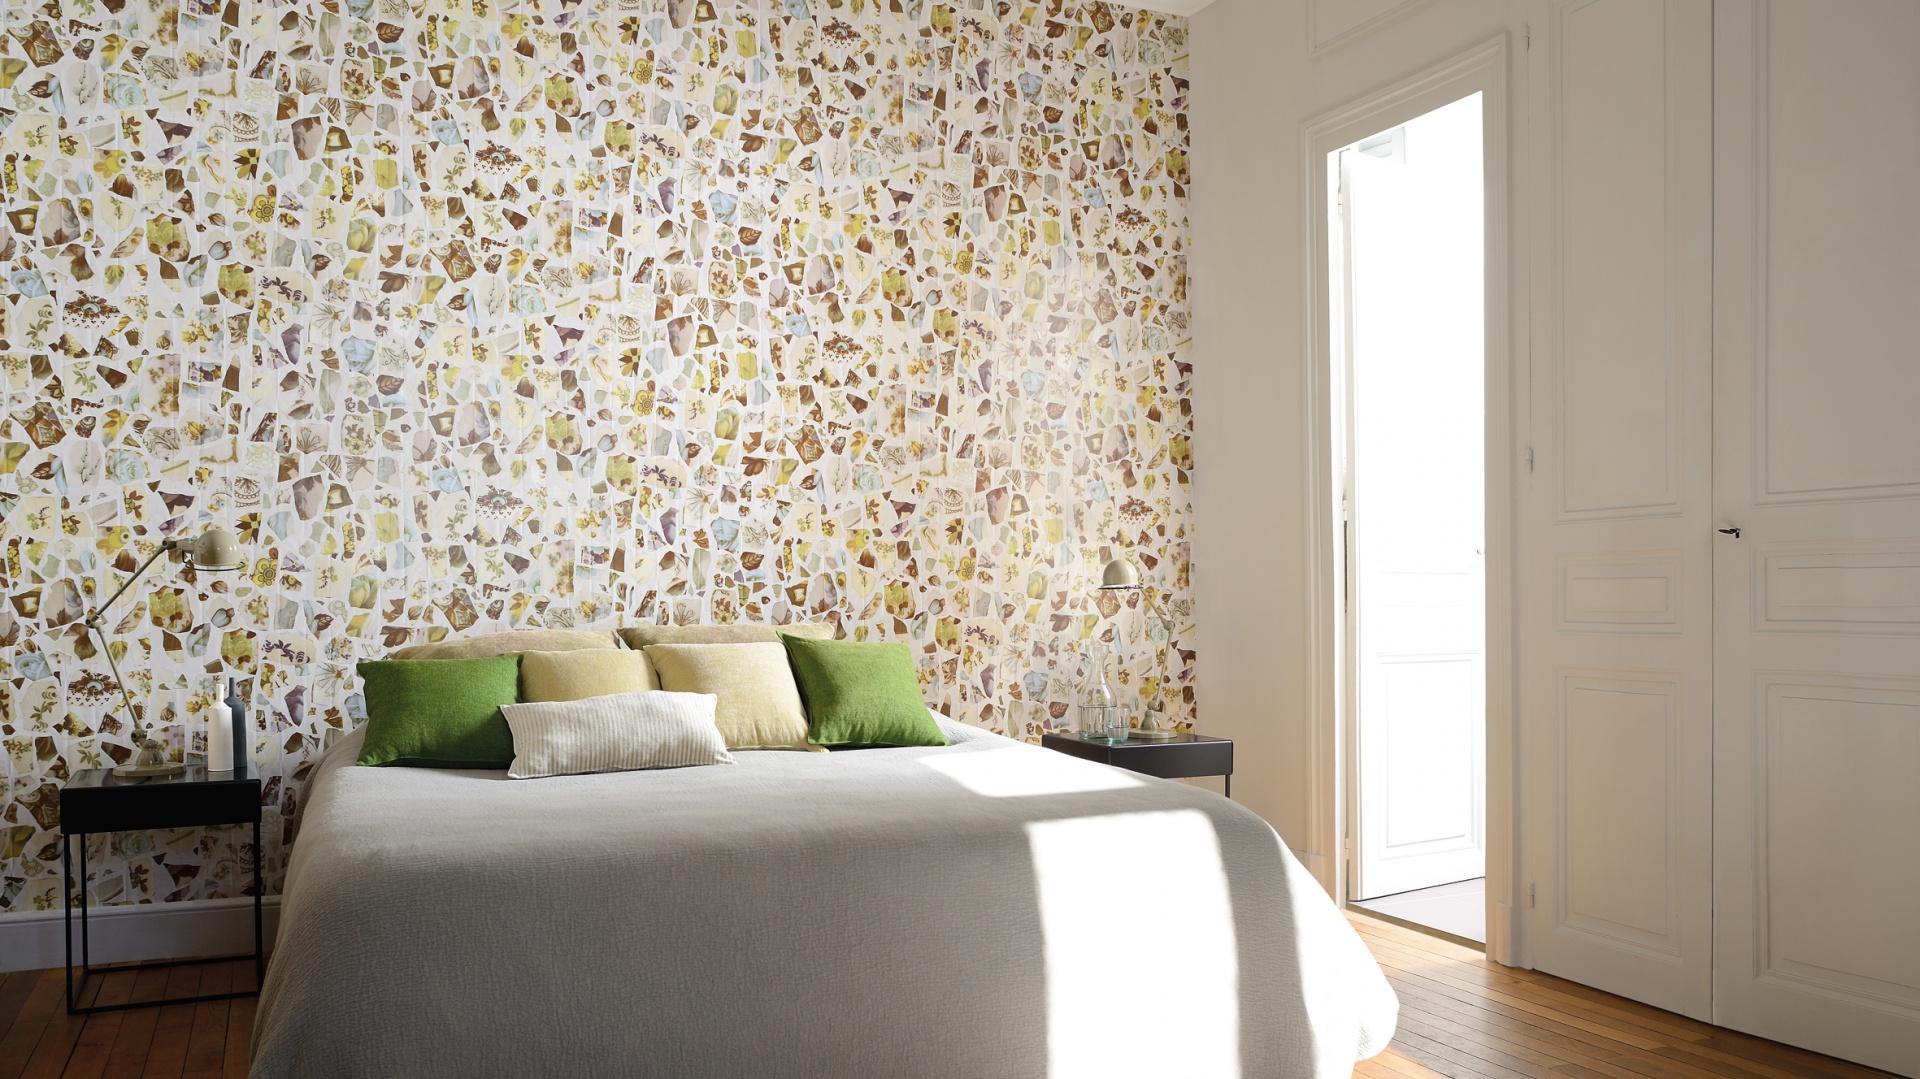 Wzorzysta, kolorowa tapeta z kolekcji Portobello ożywi każde wnętrze i sprawi, że sypialnia nabierze oryginalnego charakteru. Fot. Elitis.